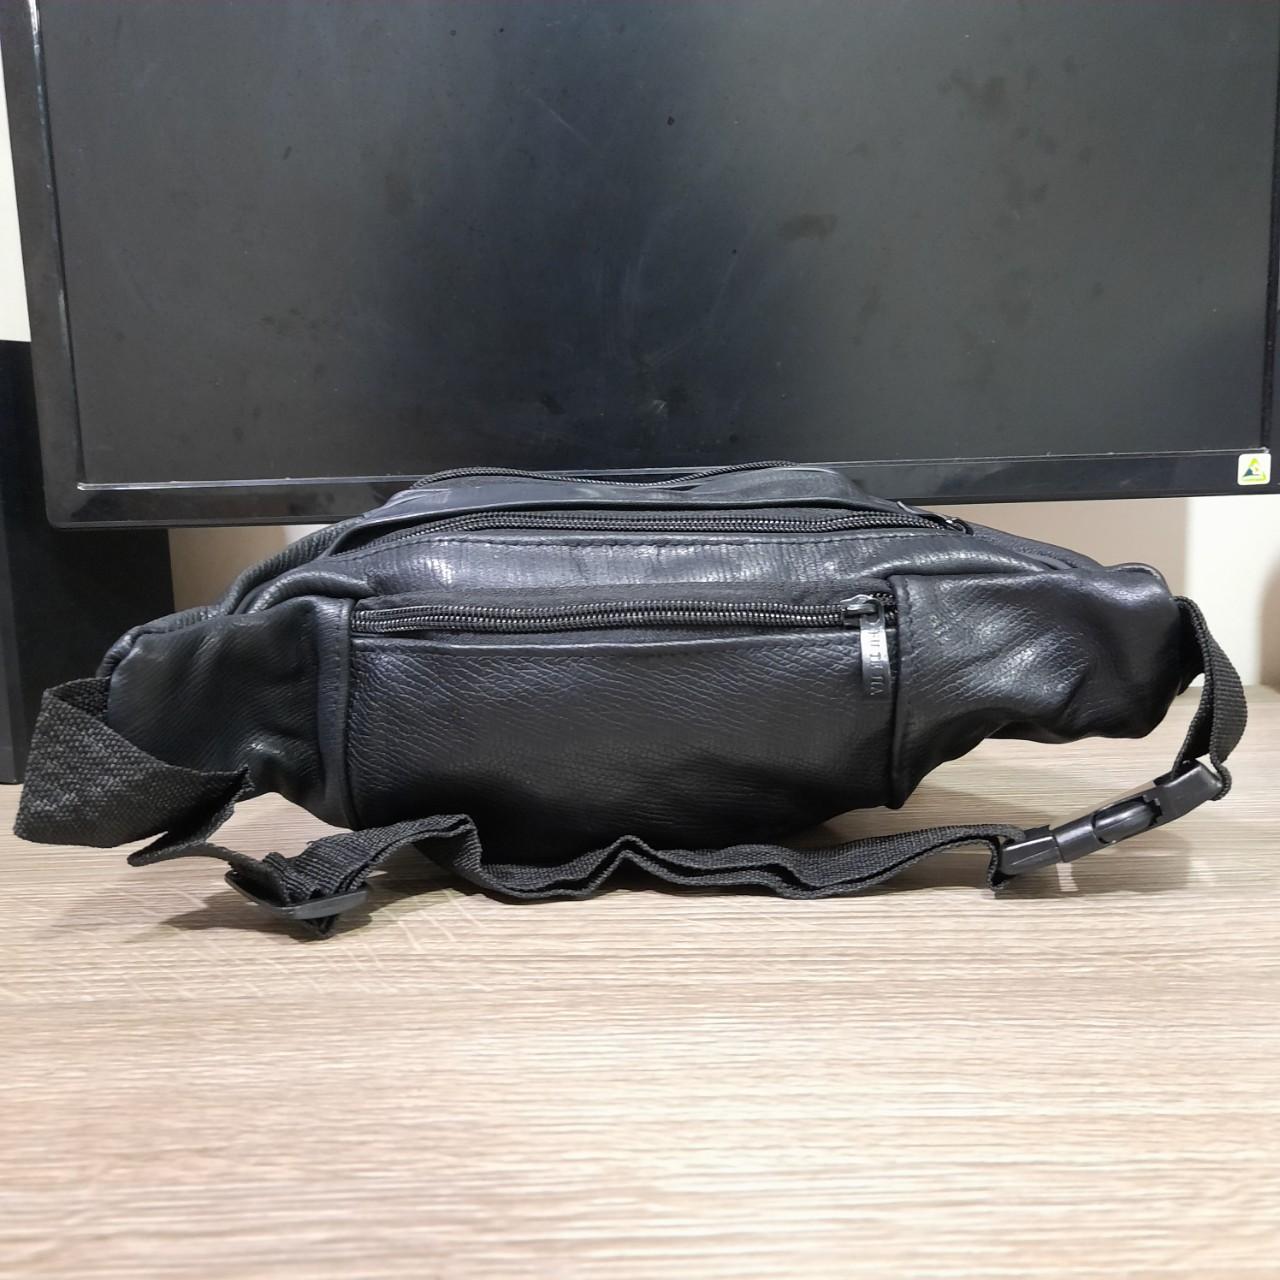 Túi đeo chéo đeo hông da loại 1 kiểu 2 túi kéo thời trang dạo phố SK54 Shalla (túi đeo chéo đeo hông da nguồn sỉ )